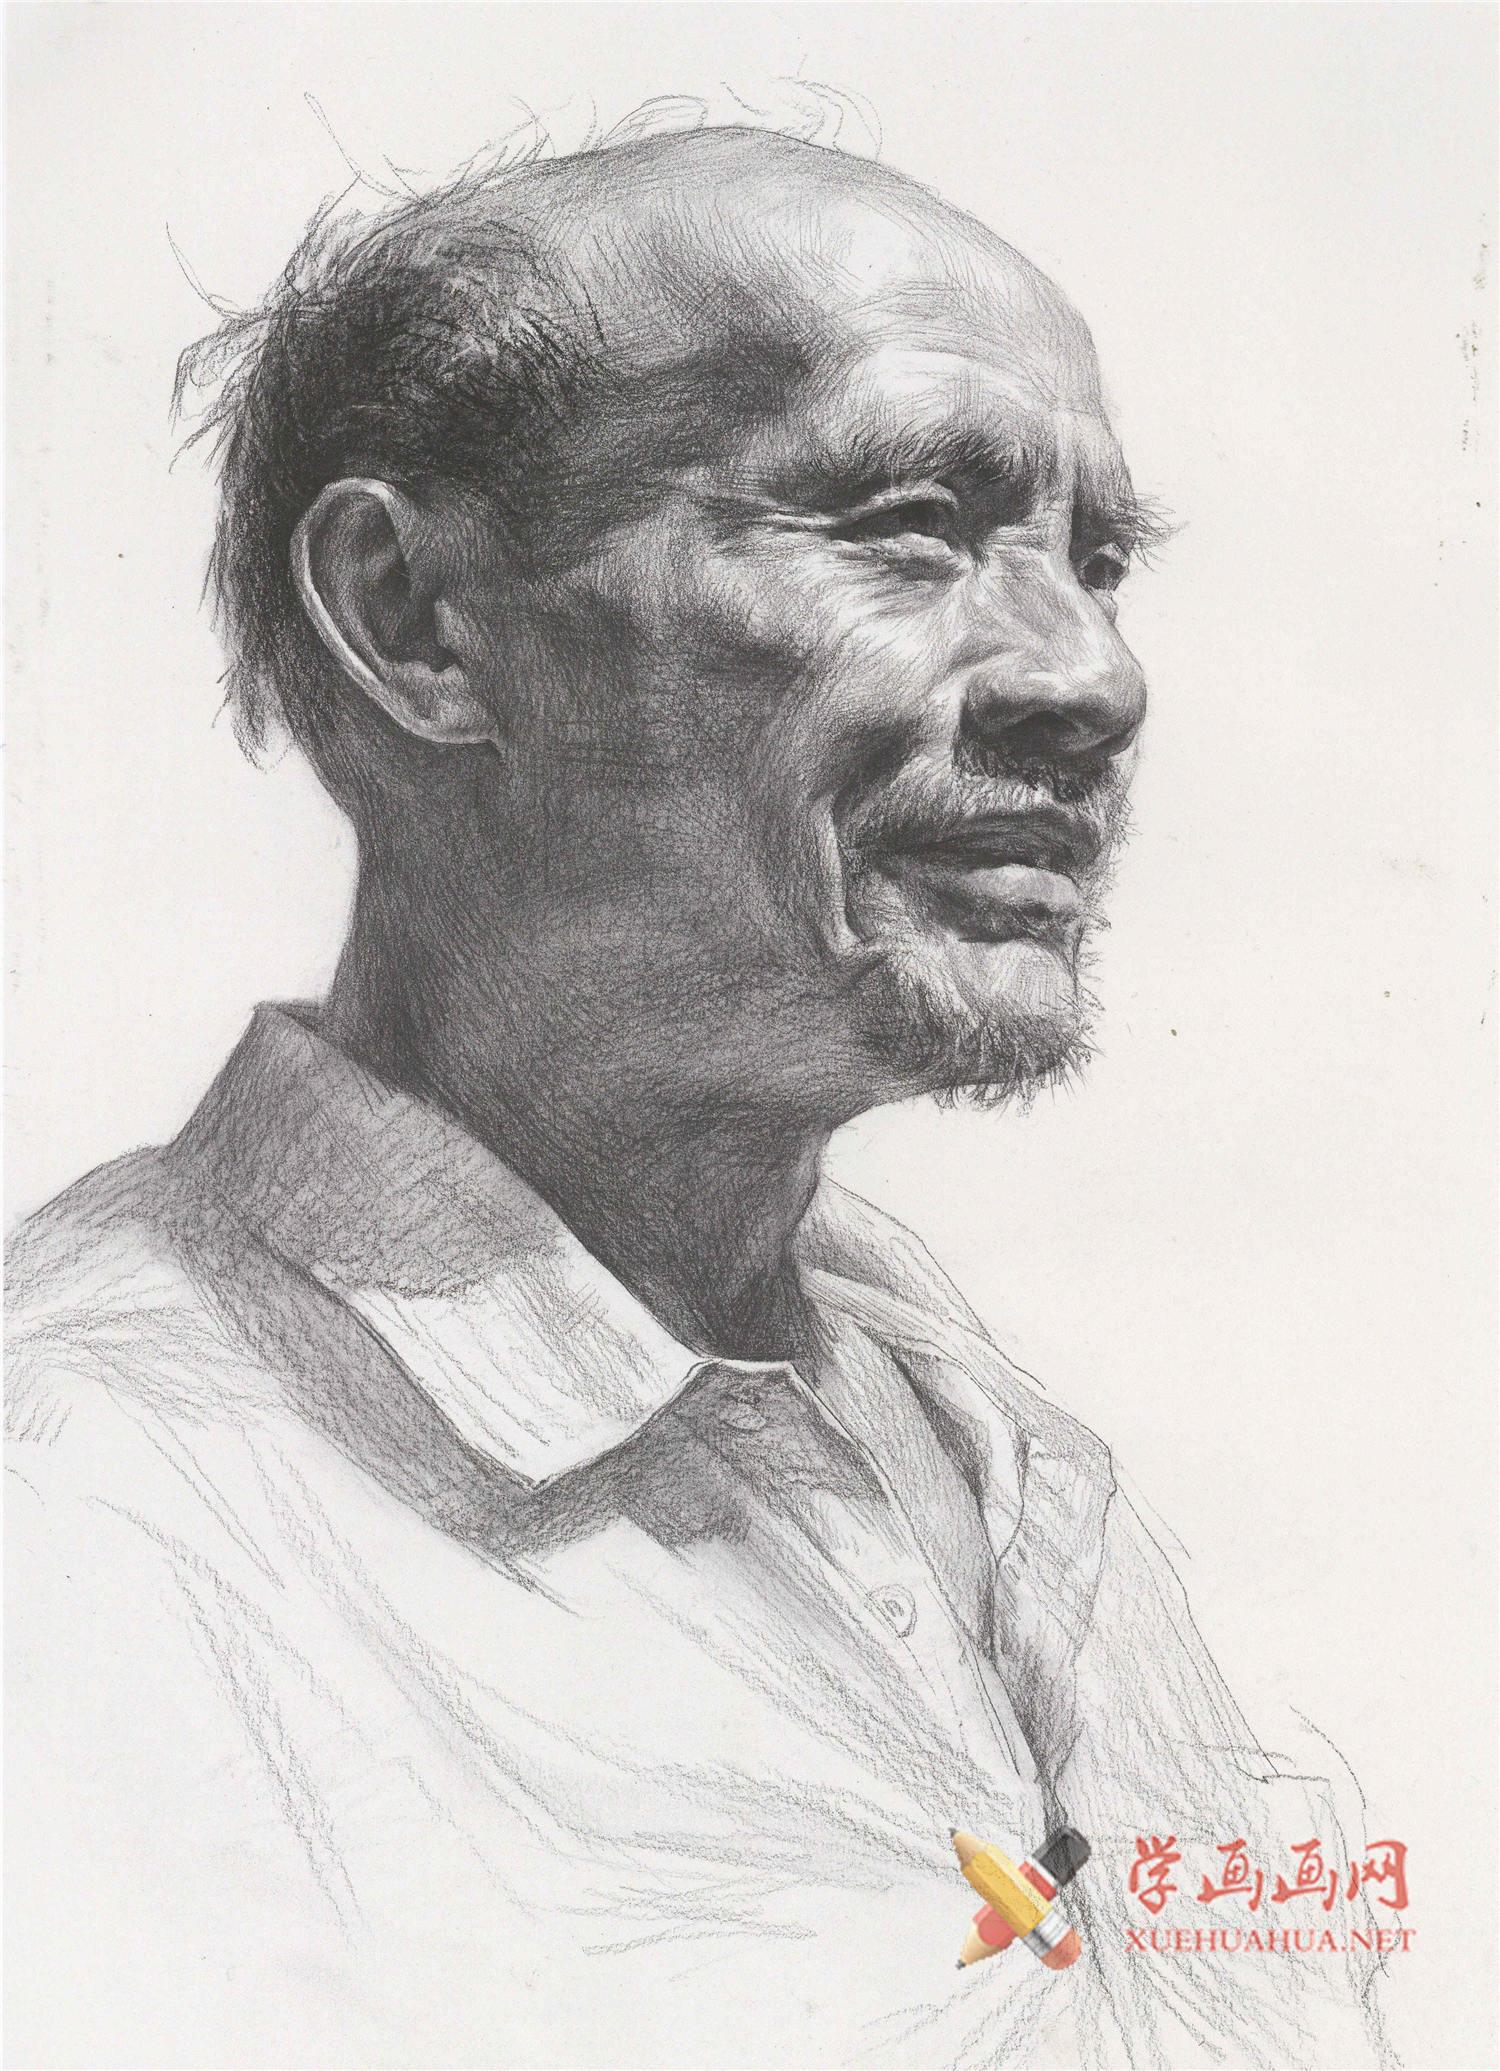 老年男子侧面素描头像临摹素材高清图片(1)